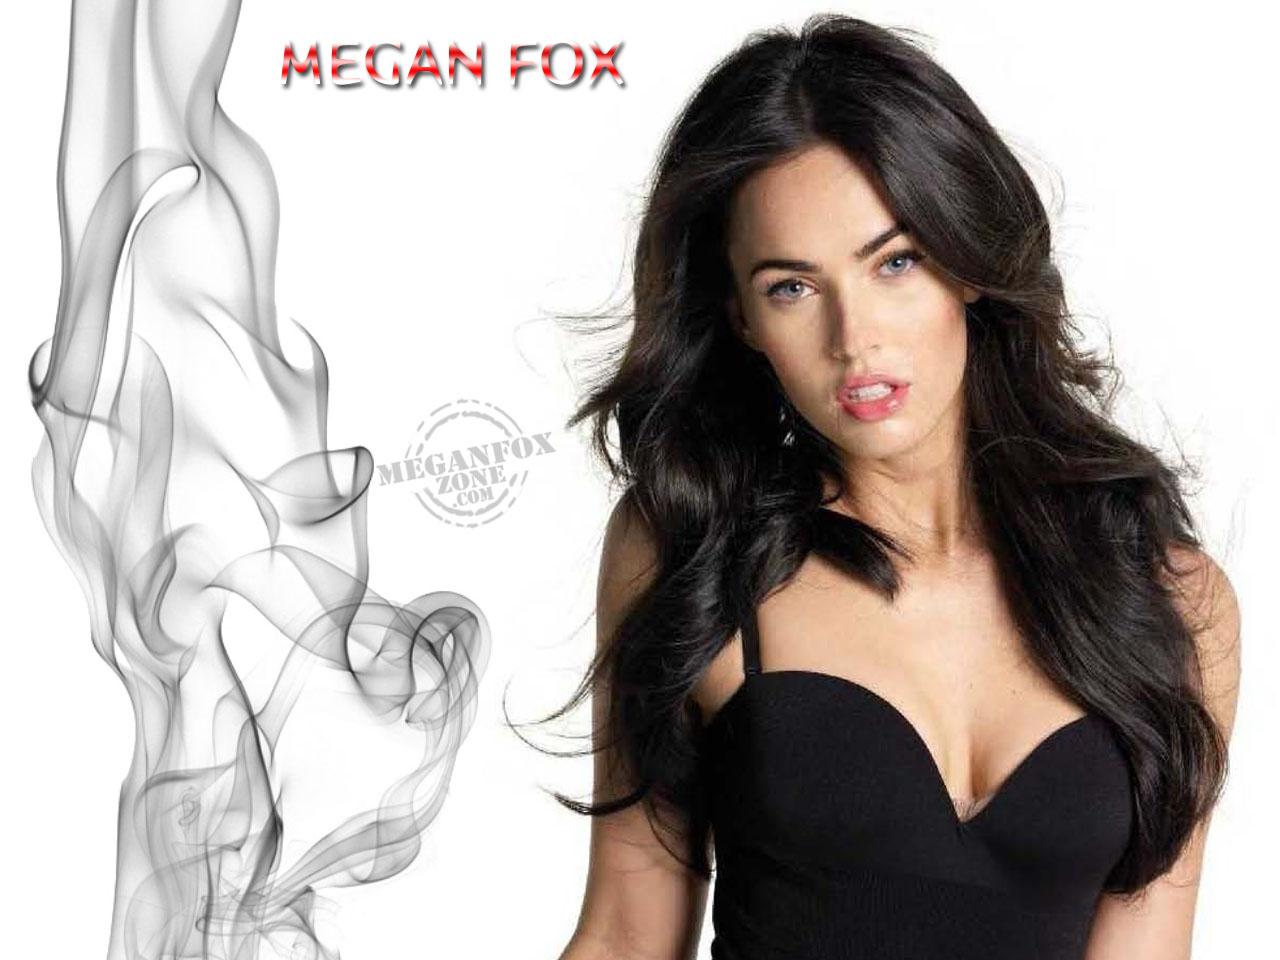 http://3.bp.blogspot.com/-8UUcAVcY504/TkKQx44RxbI/AAAAAAAAAGI/L9PwkHm5IZA/s1600/Megan-Fox-Wallpaper-7.jpg